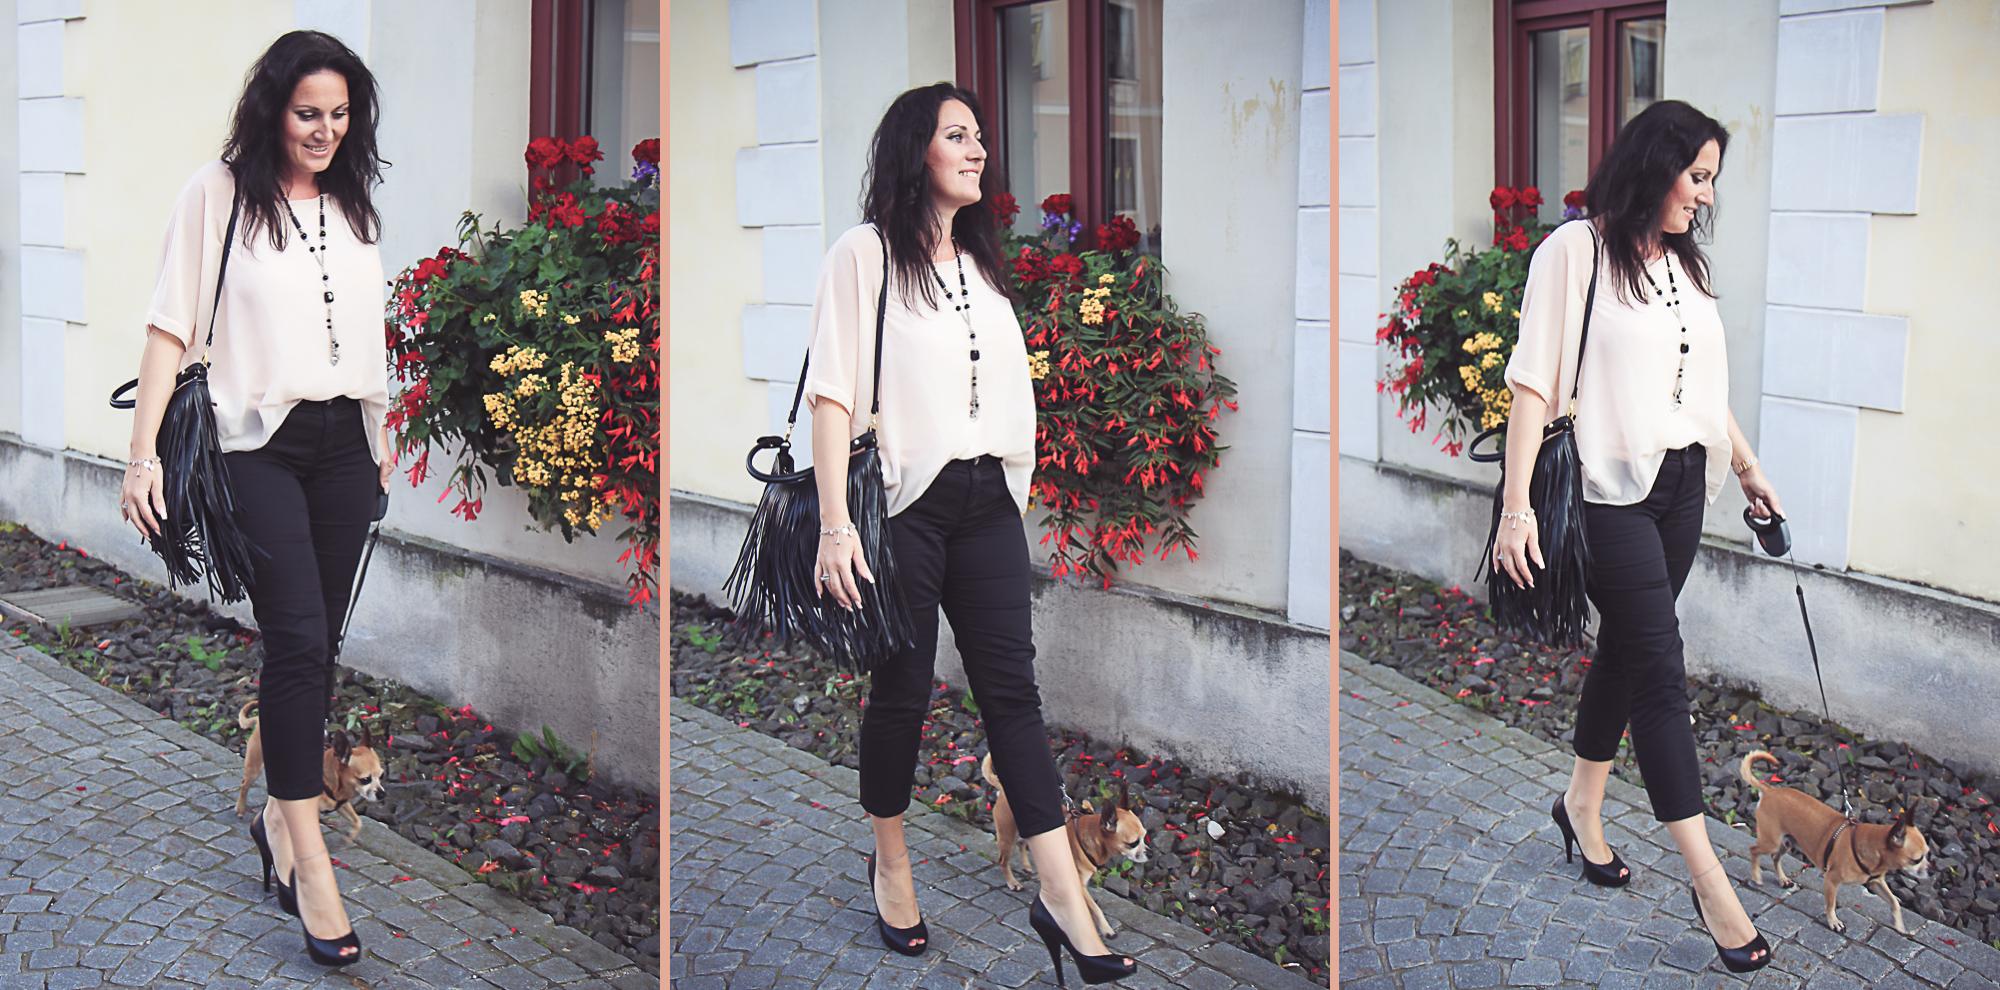 outfit shirt mit fledermaus rmeln schwarzer 7 8 hose peep toes und fransentasche miss classy. Black Bedroom Furniture Sets. Home Design Ideas